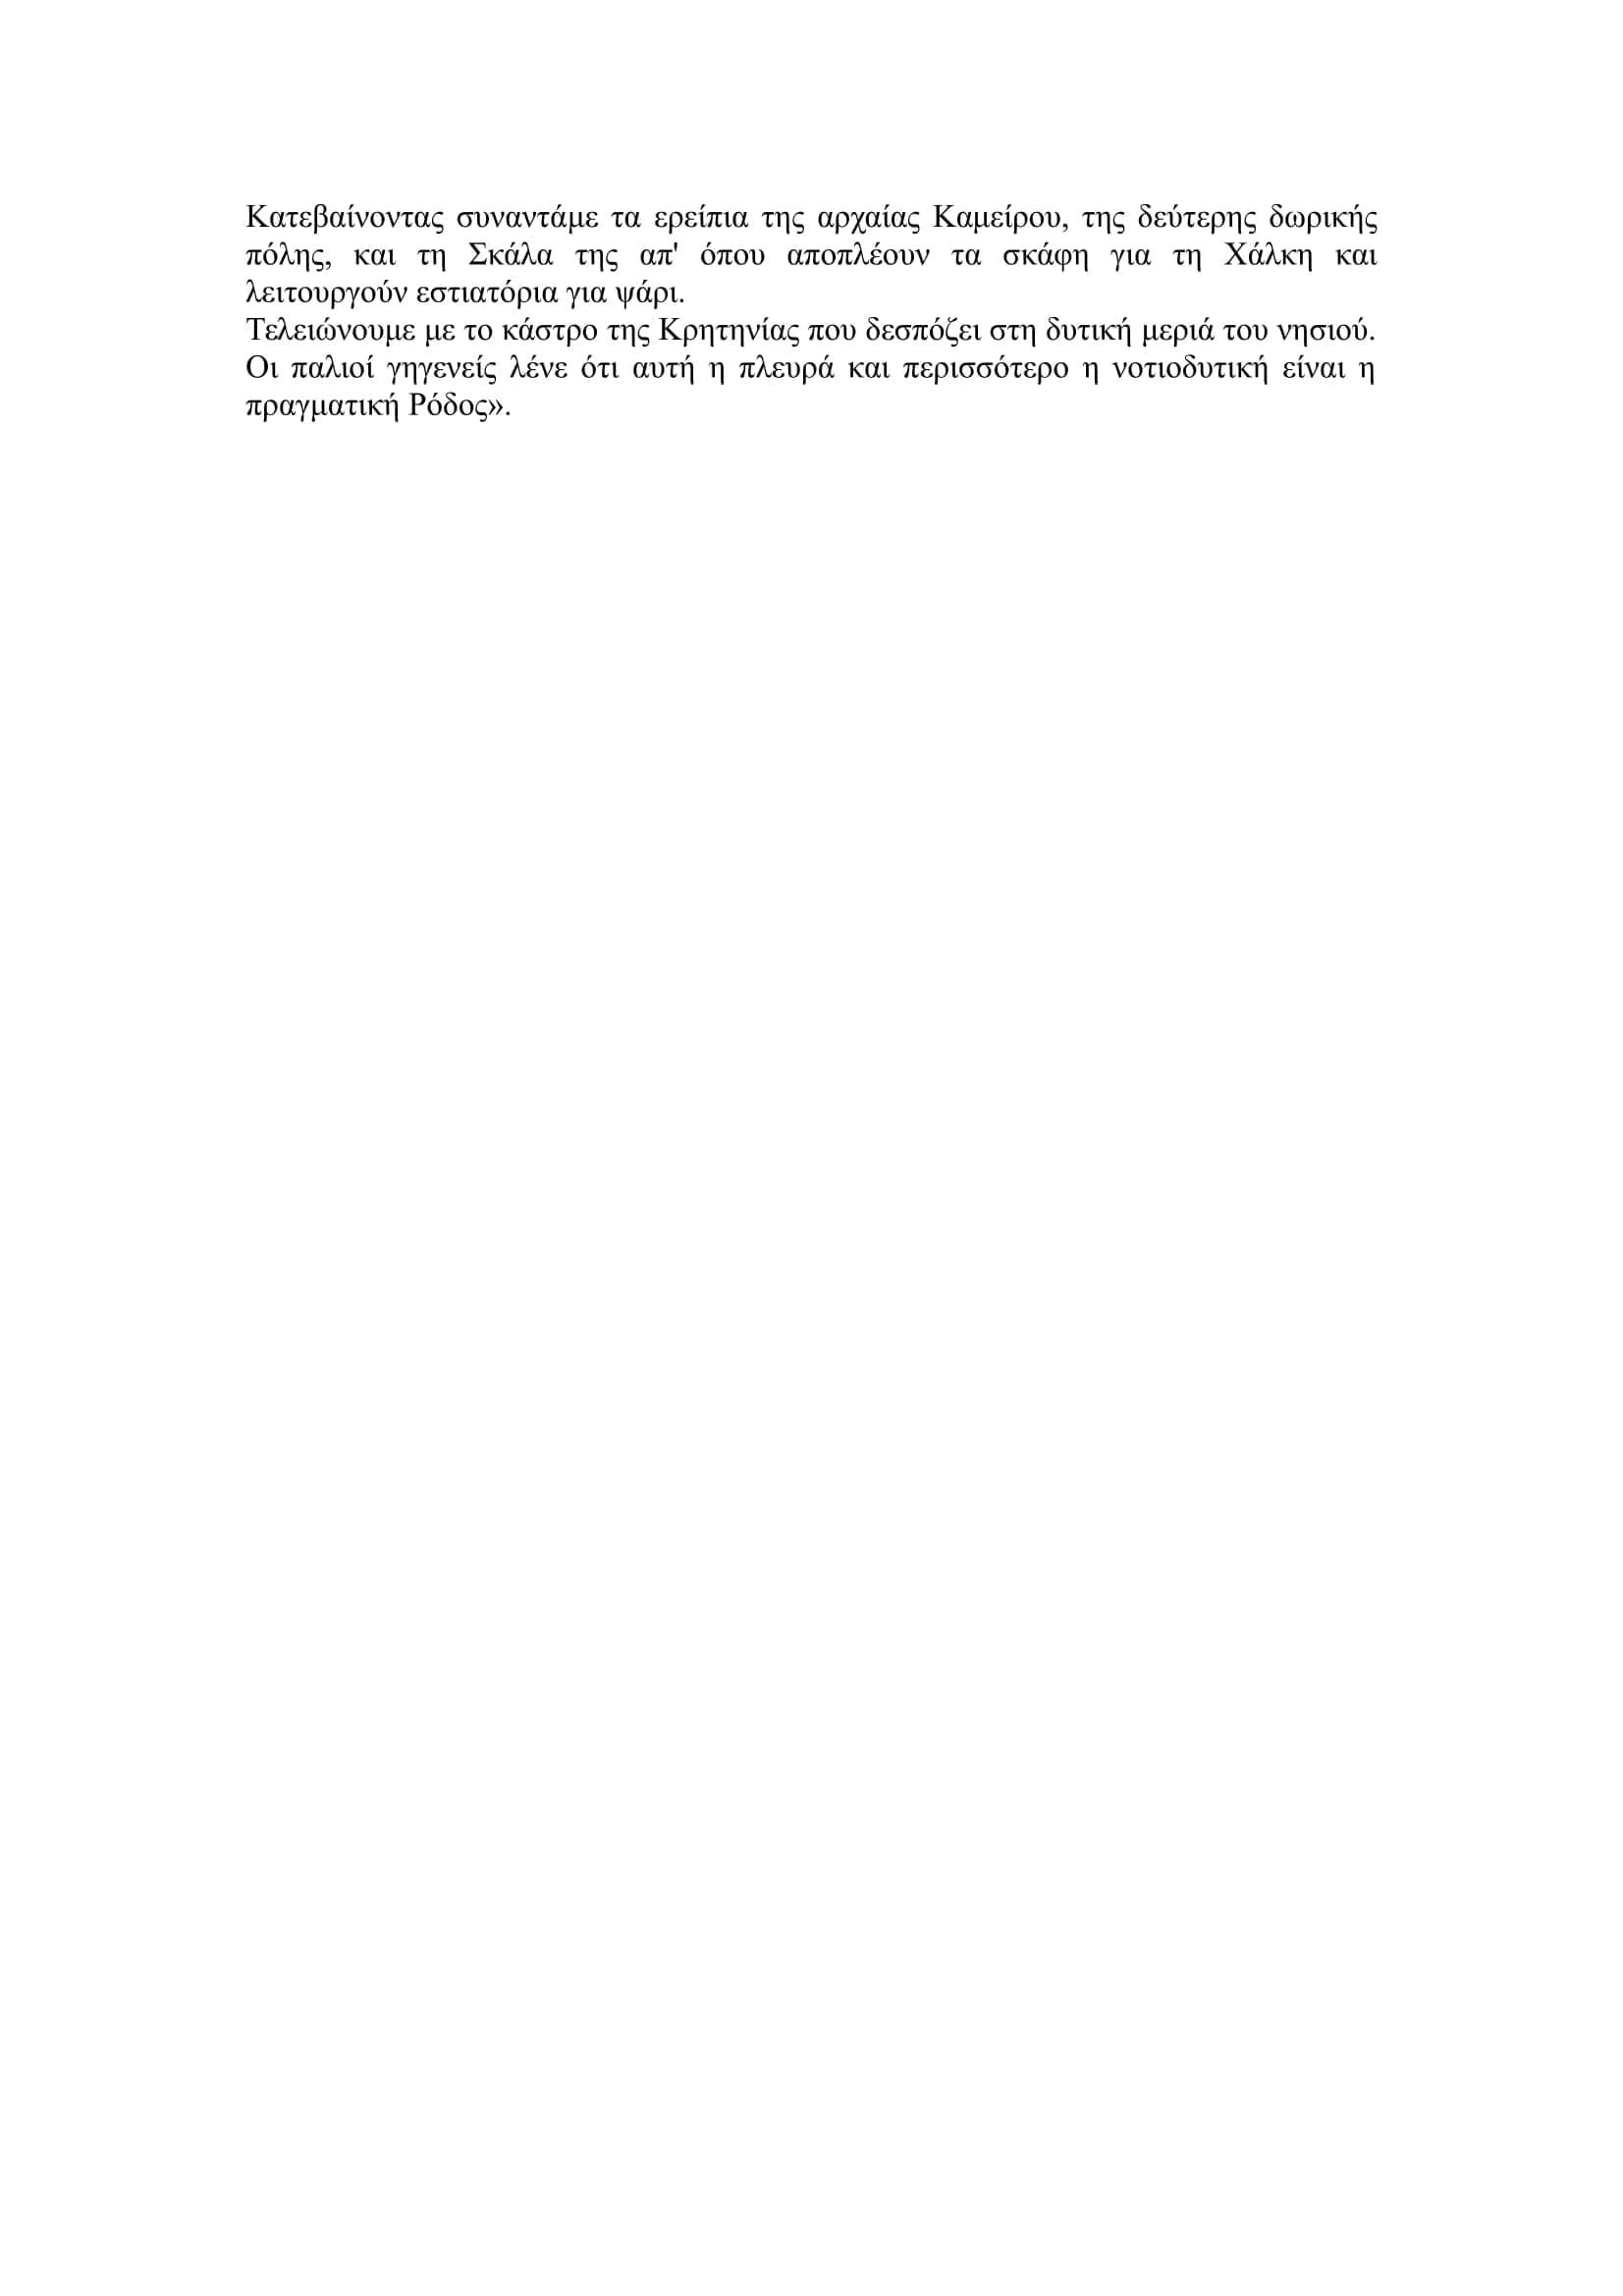 Η ΡΟΔΟΣ ΤΟΥ ΝΟΤΟΥ ΚΑΙ ΤΟΥ ΔΗΜΗΤΡΗ ΚΟΥΚΟΥ-6